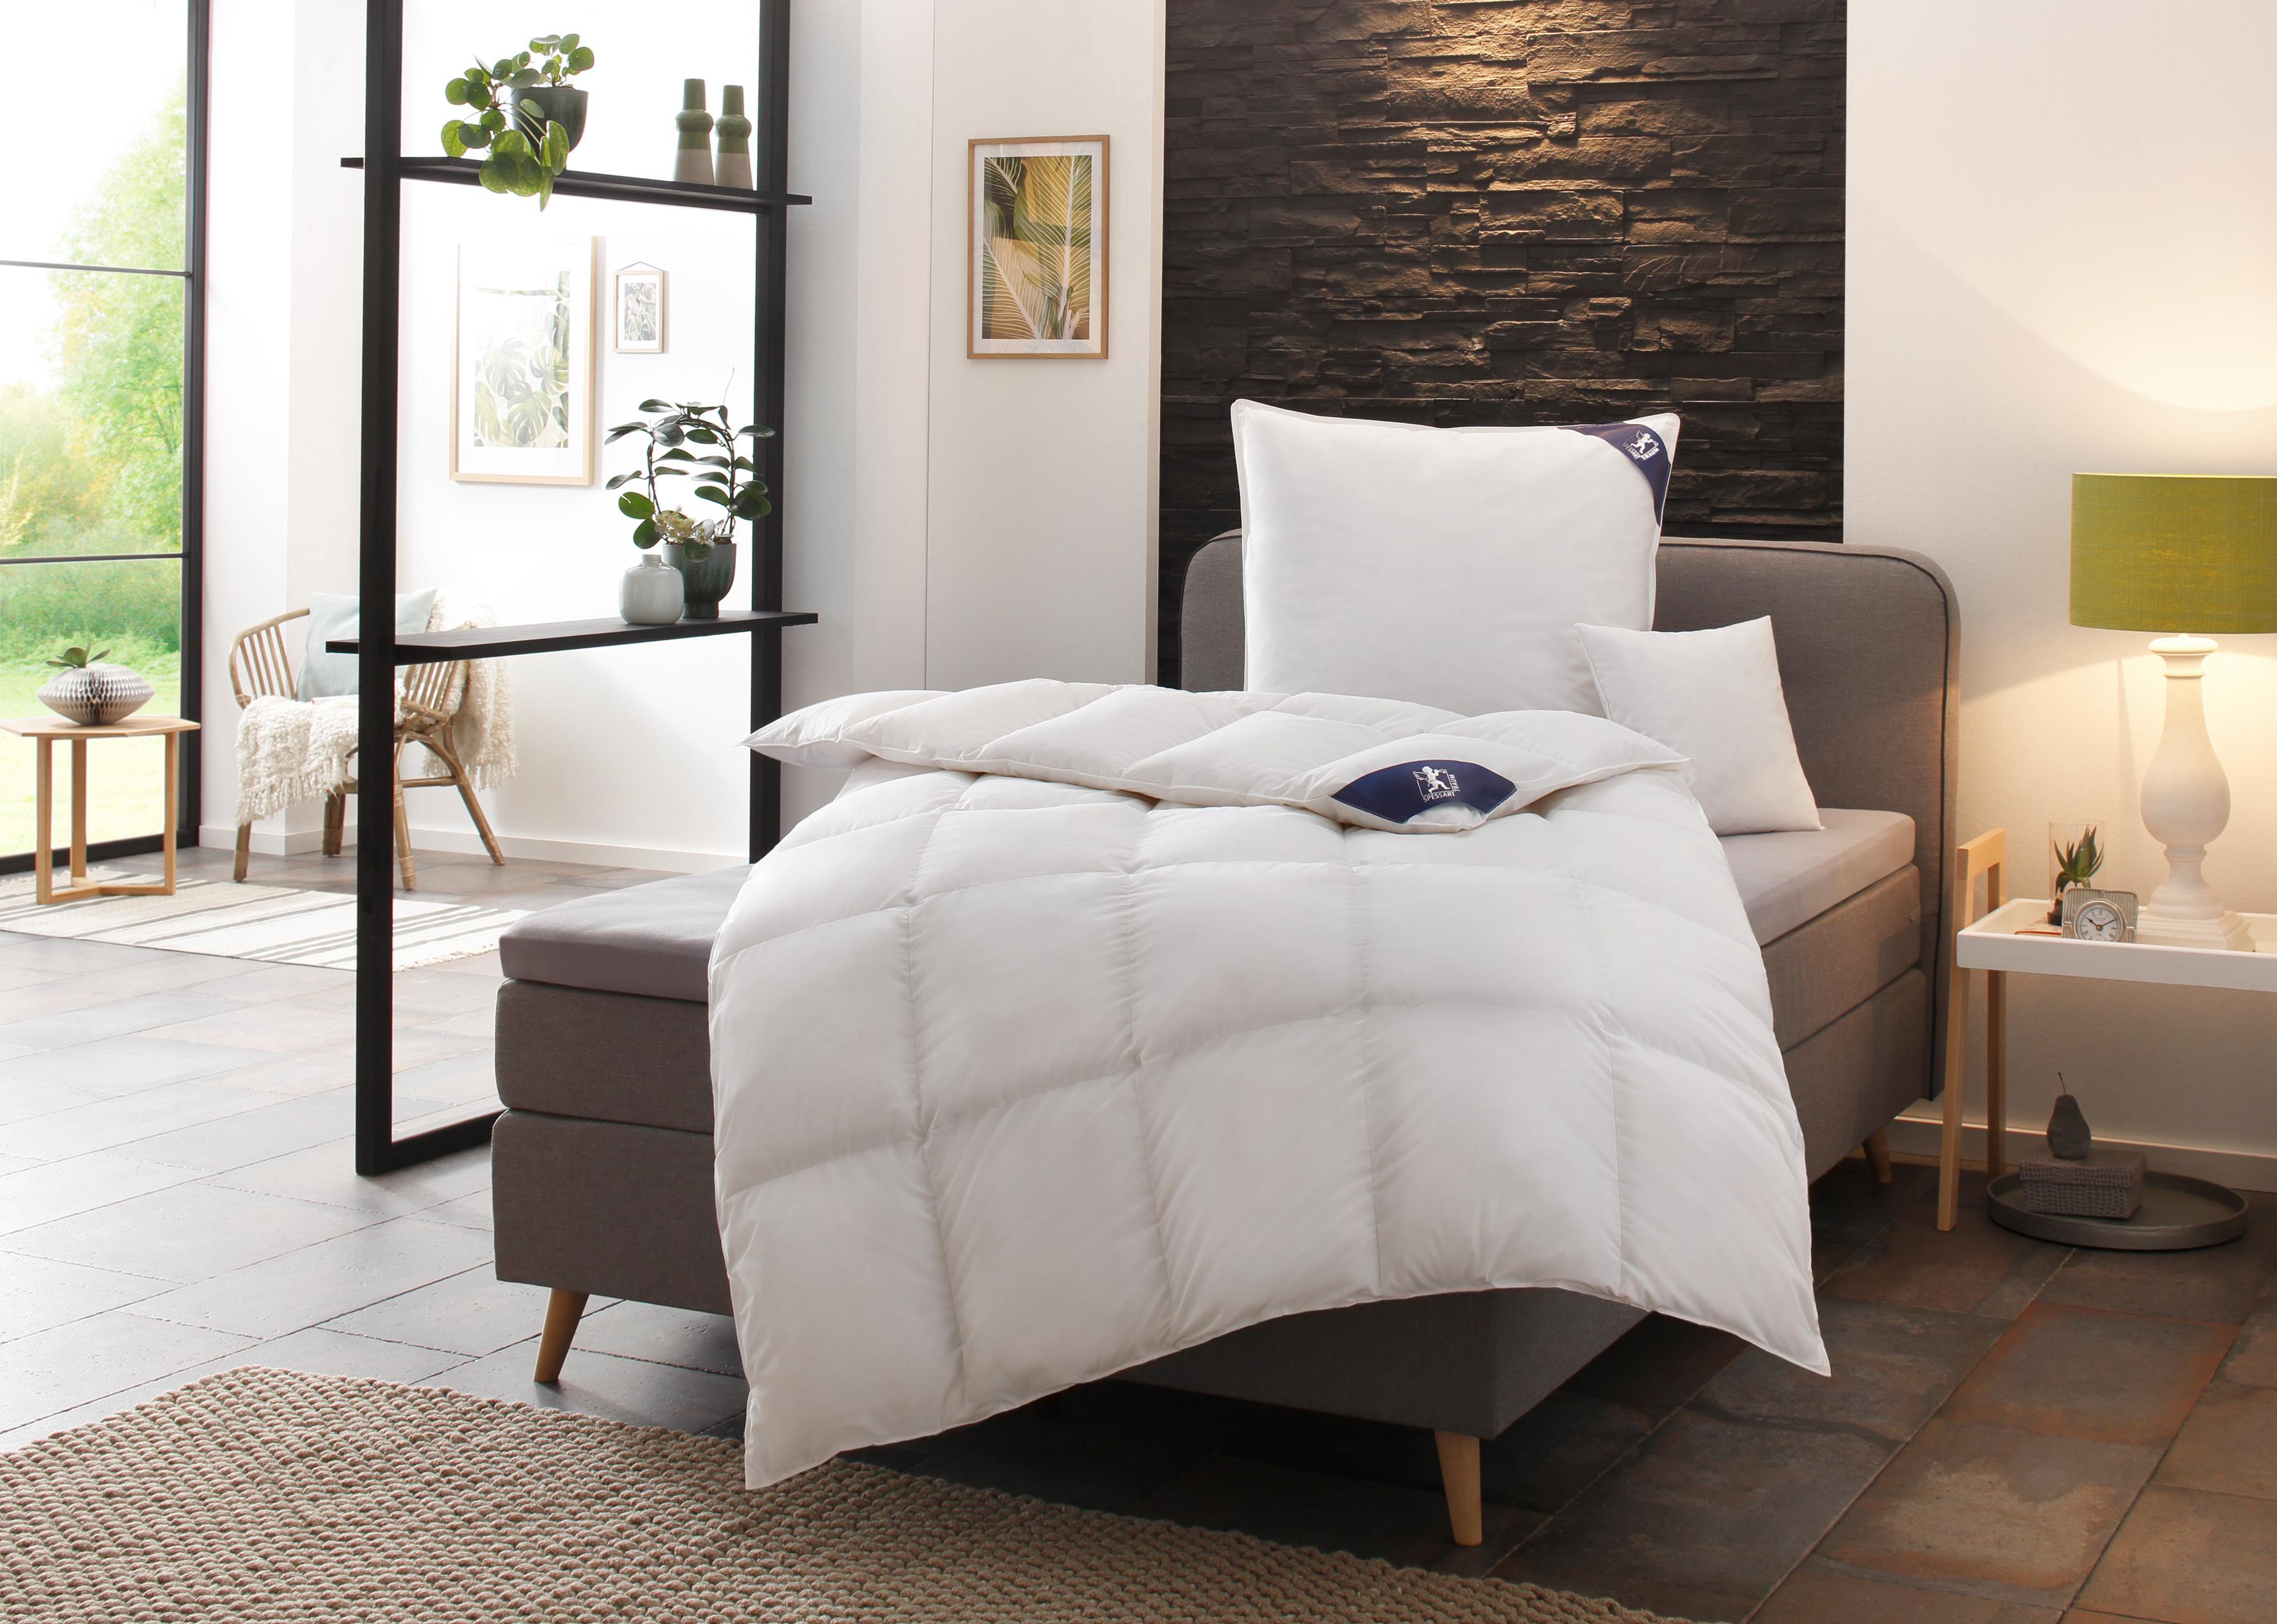 Gänsedaunenbettdecke Premium****** SPESSARTTRAUM normal Füllung: 100% Gänsedaunen Bezug: 100% Baumwolle | Heimtextilien > Decken und Kissen > Bettdecken | Weiß | Spessarttraum